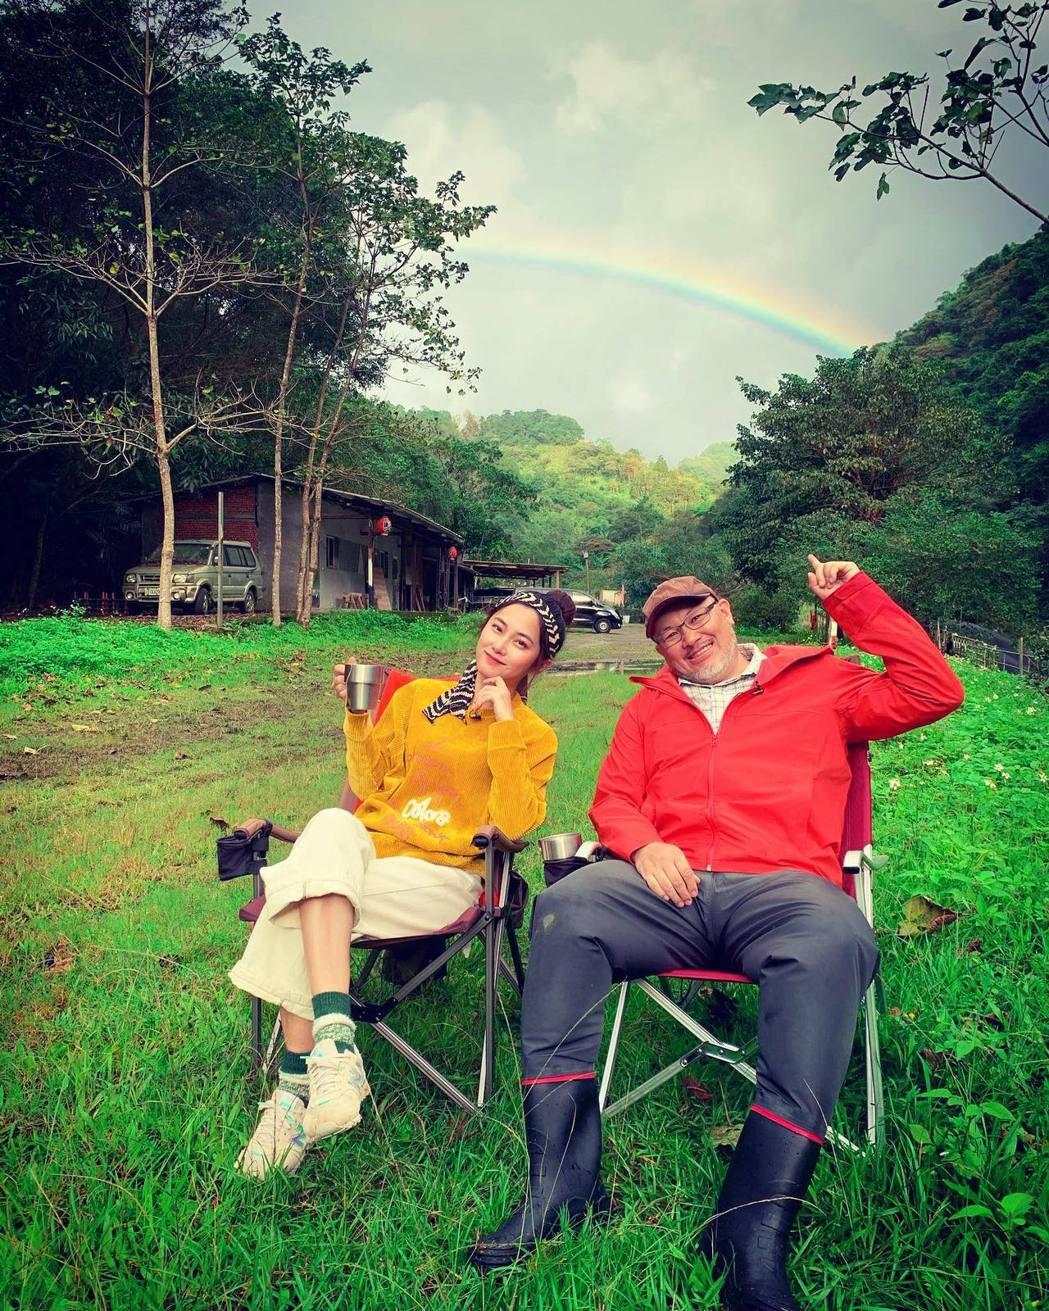 劉亮佐與趙小僑夫妻。圖/摘自臉書